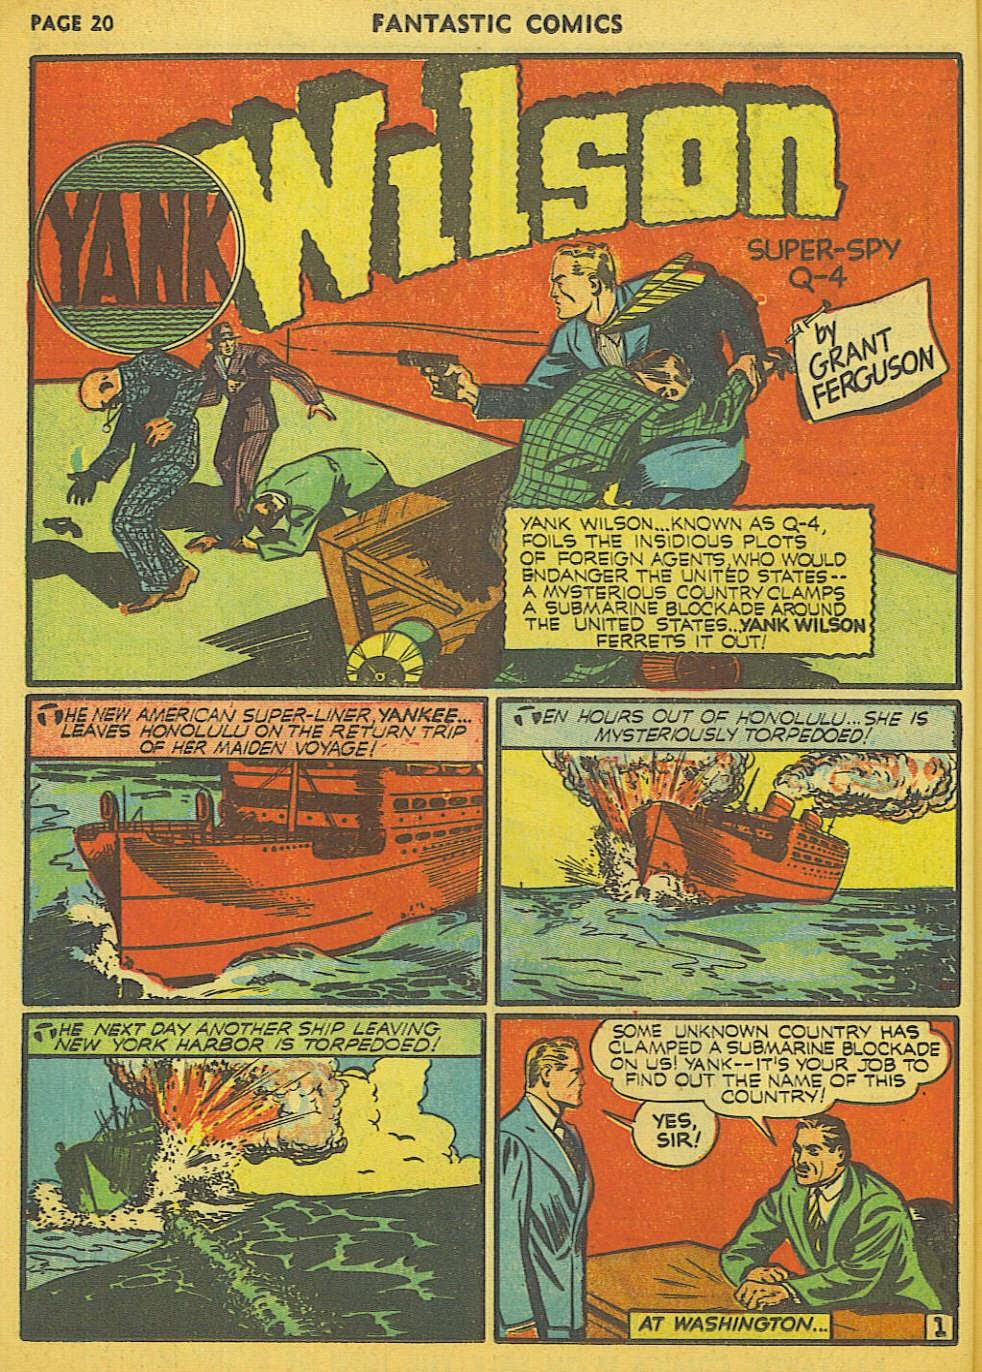 Read online Fantastic Comics comic -  Issue #15 - 14